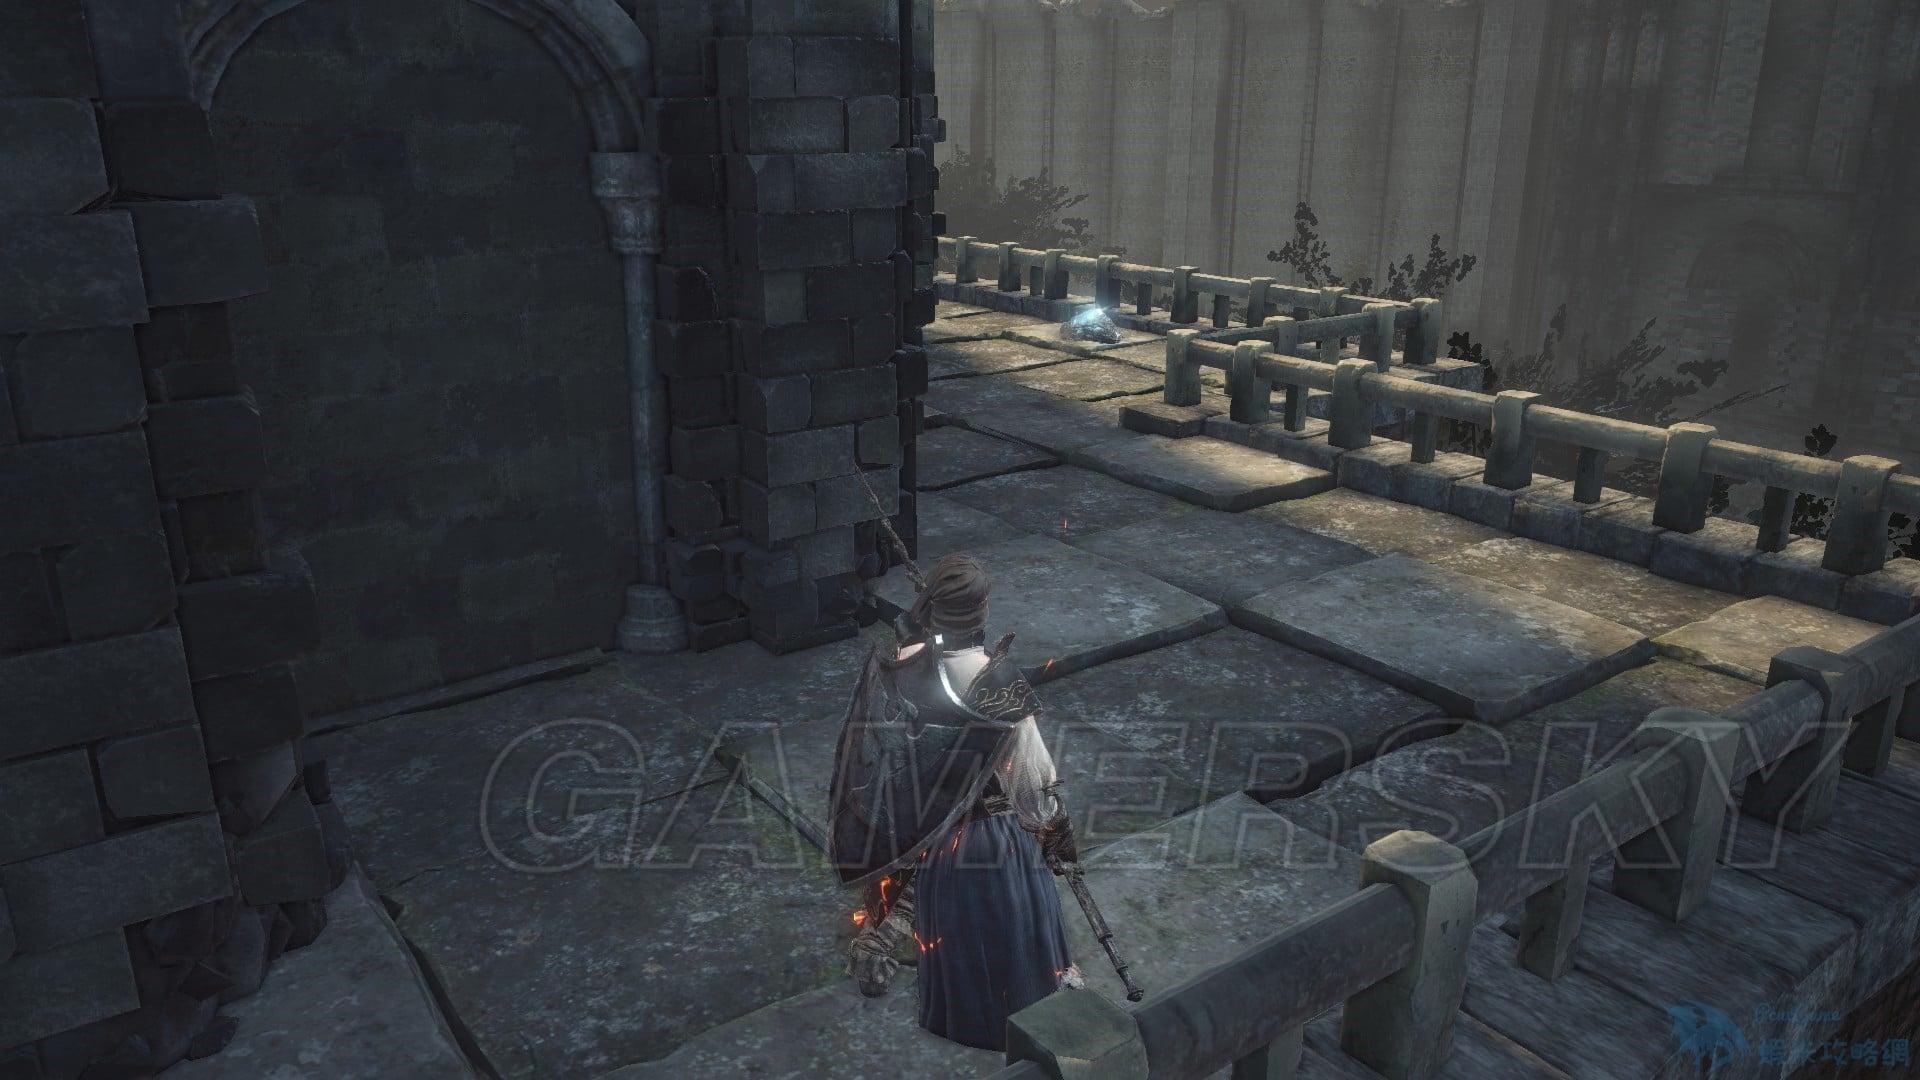 黑暗靈魂3 加10武器最快獲取方法 怎麼獲得加10武器